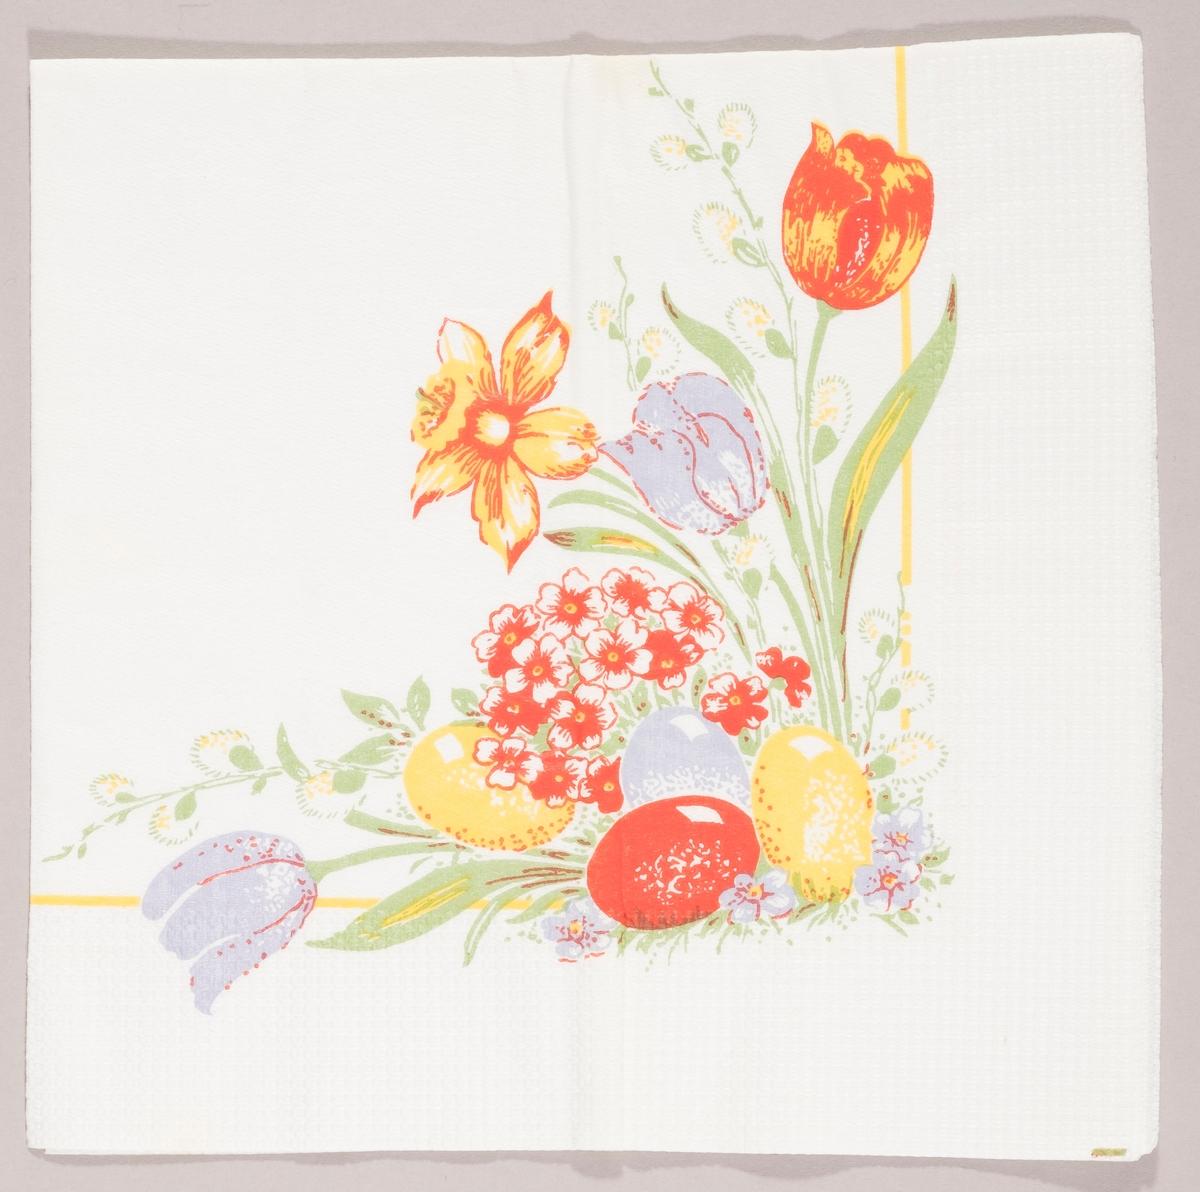 """Kulørte påskeegg, tulipaner, grener med """"gåsunger"""" og små blomster."""